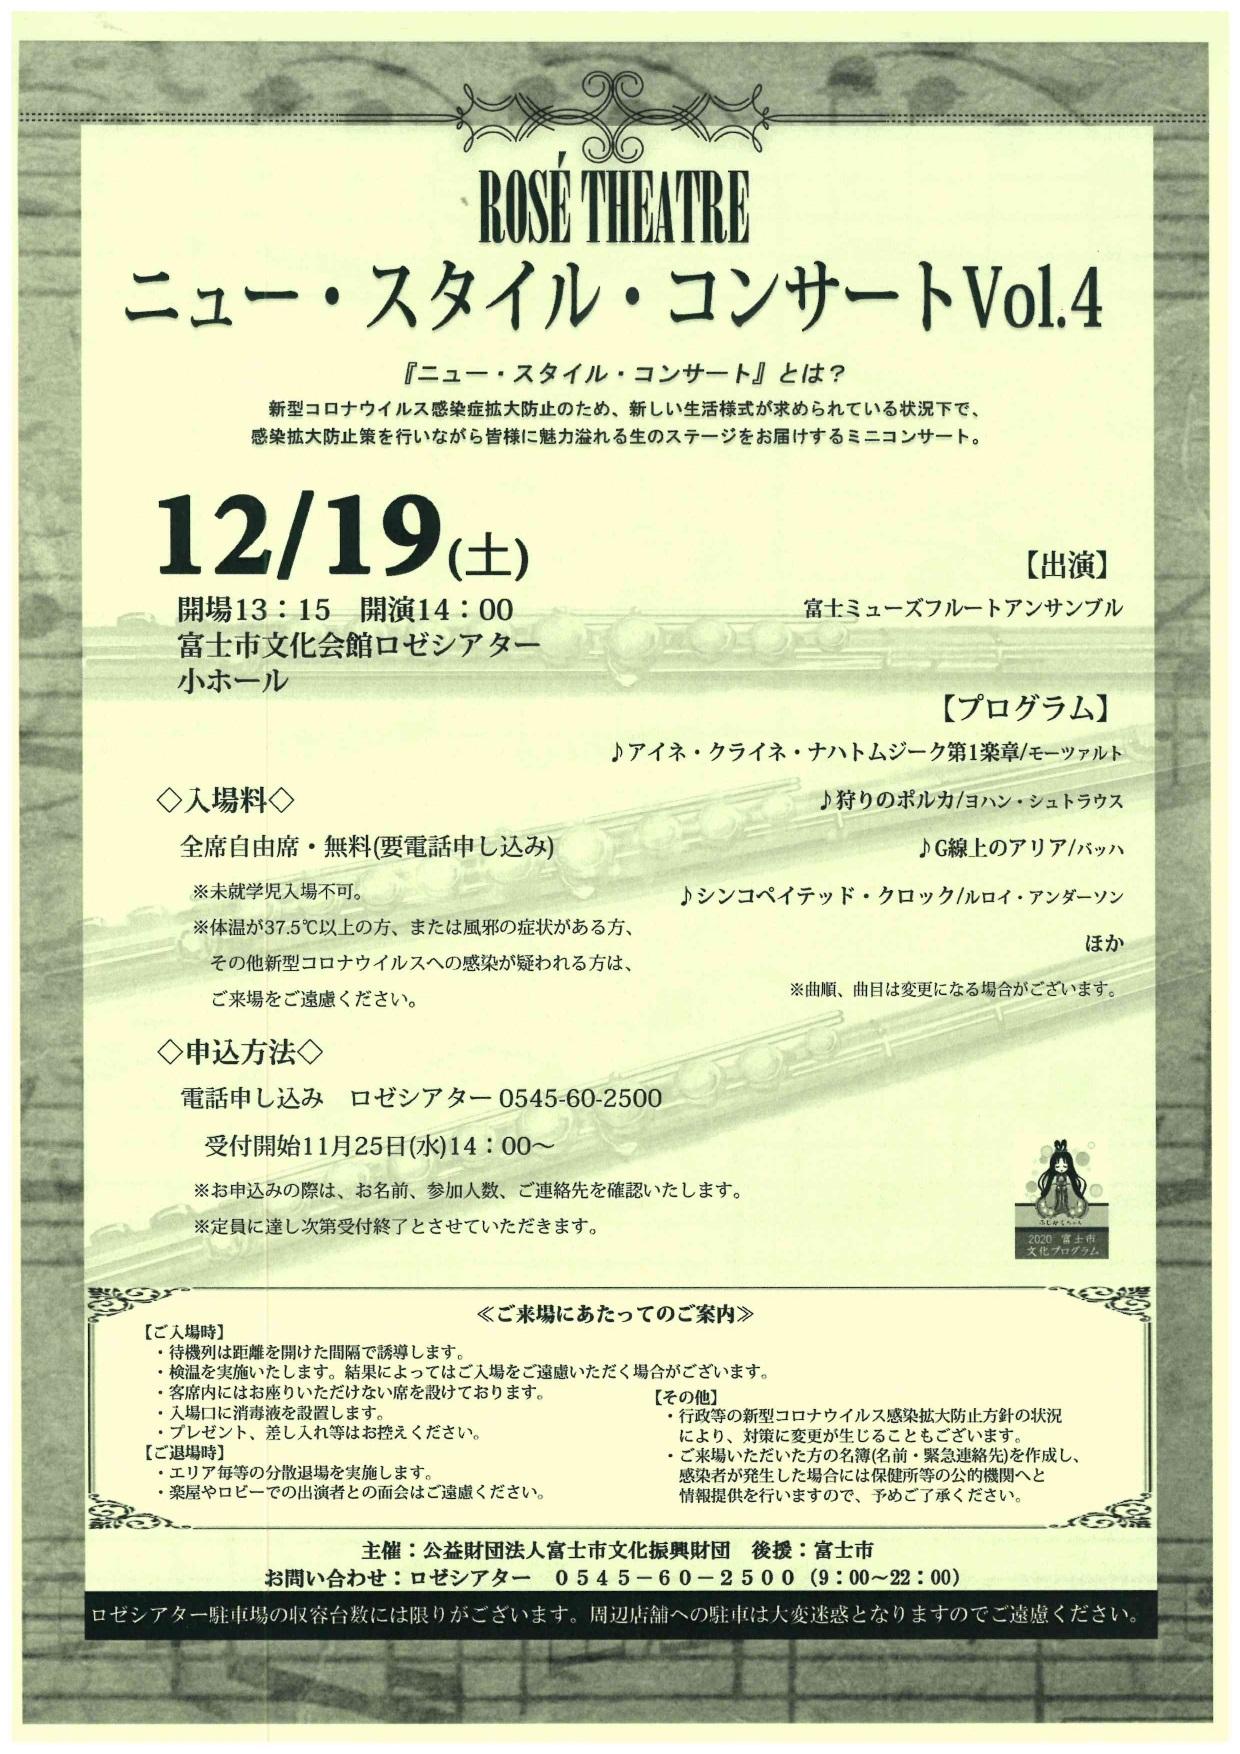 ニュー・スタイル・コンサート Vol.4